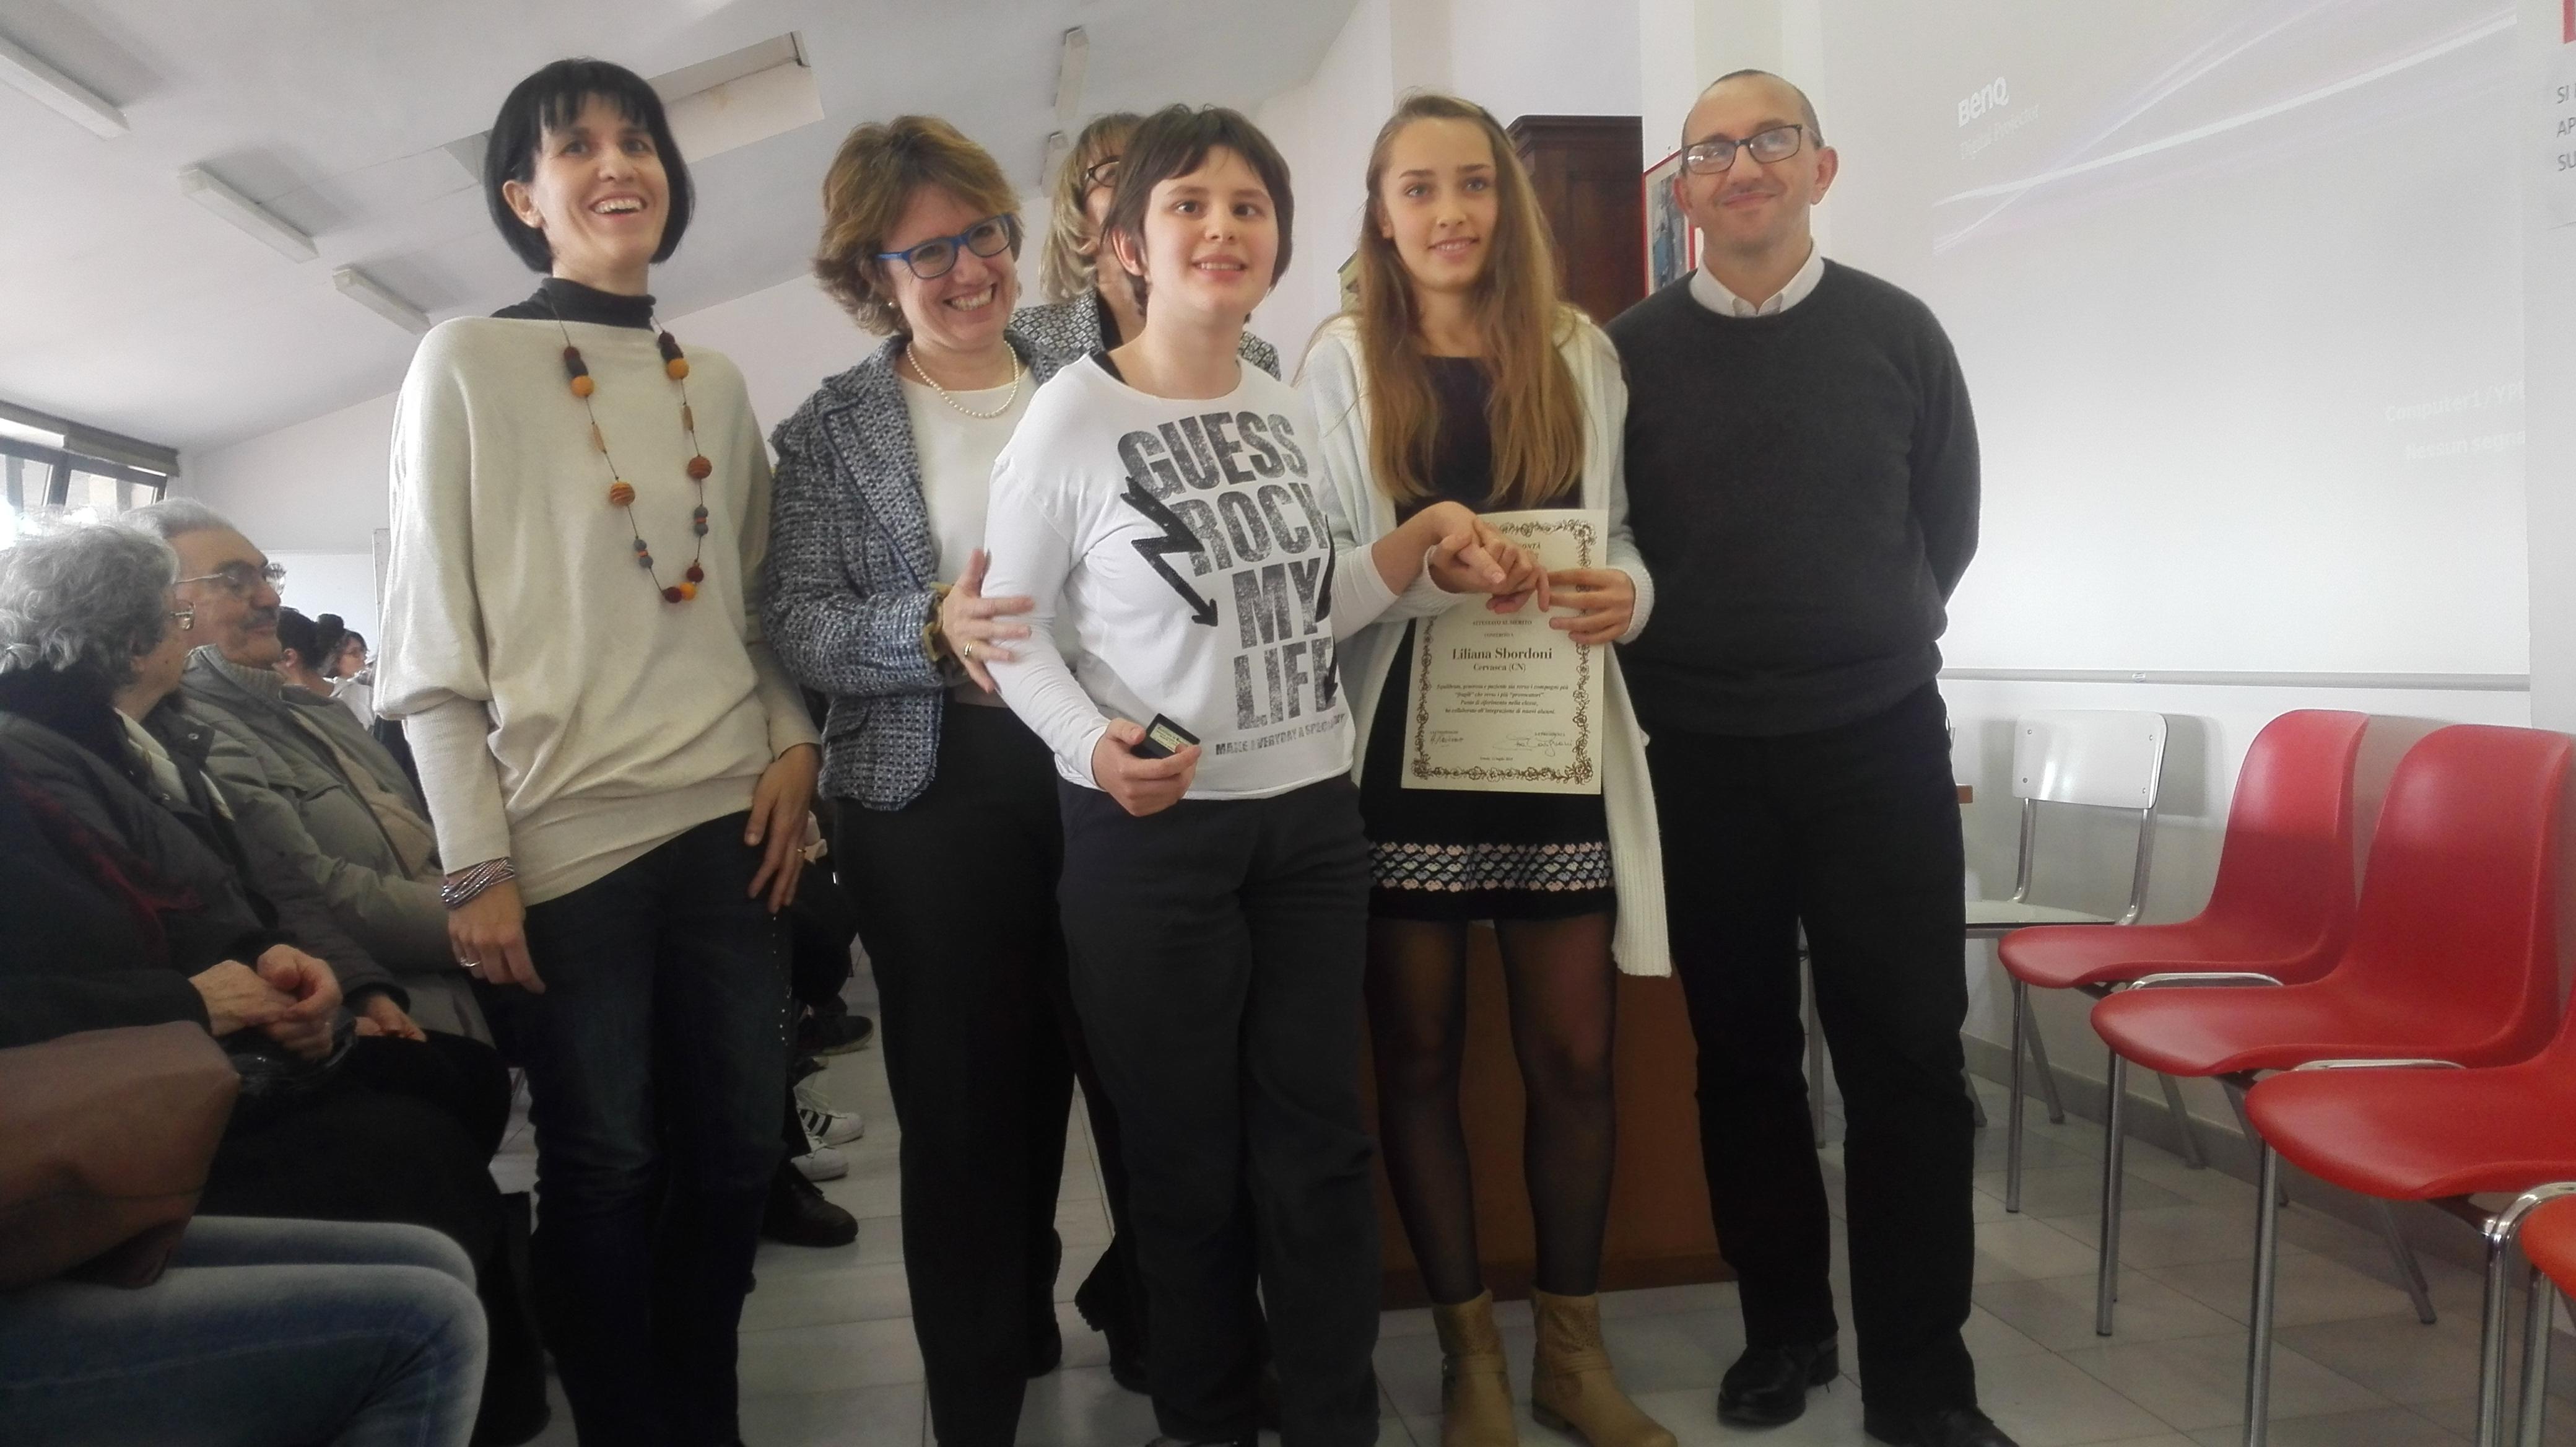 Liliana Sbordoni di Cervasca in provincia di Cuneo (per la generosità e la pazienza verso i deboli ed i provocatori) premiata dalla vicepresidente Donatella Pianciamore.